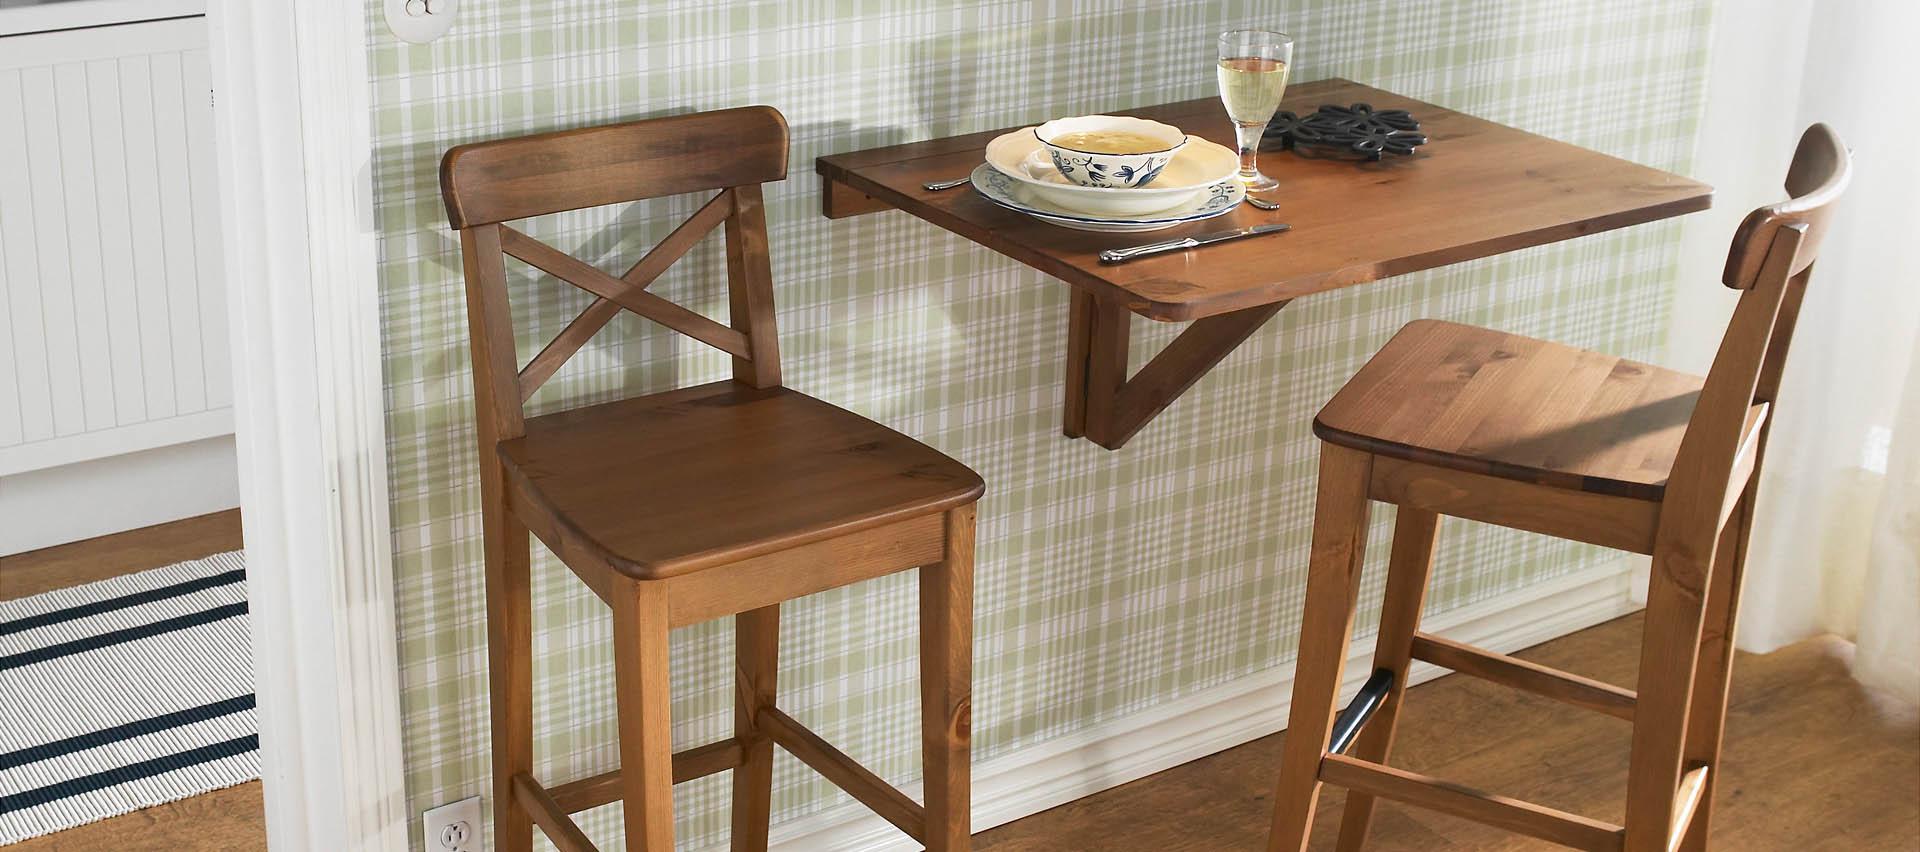 Небольшой откидной столик в интерьере